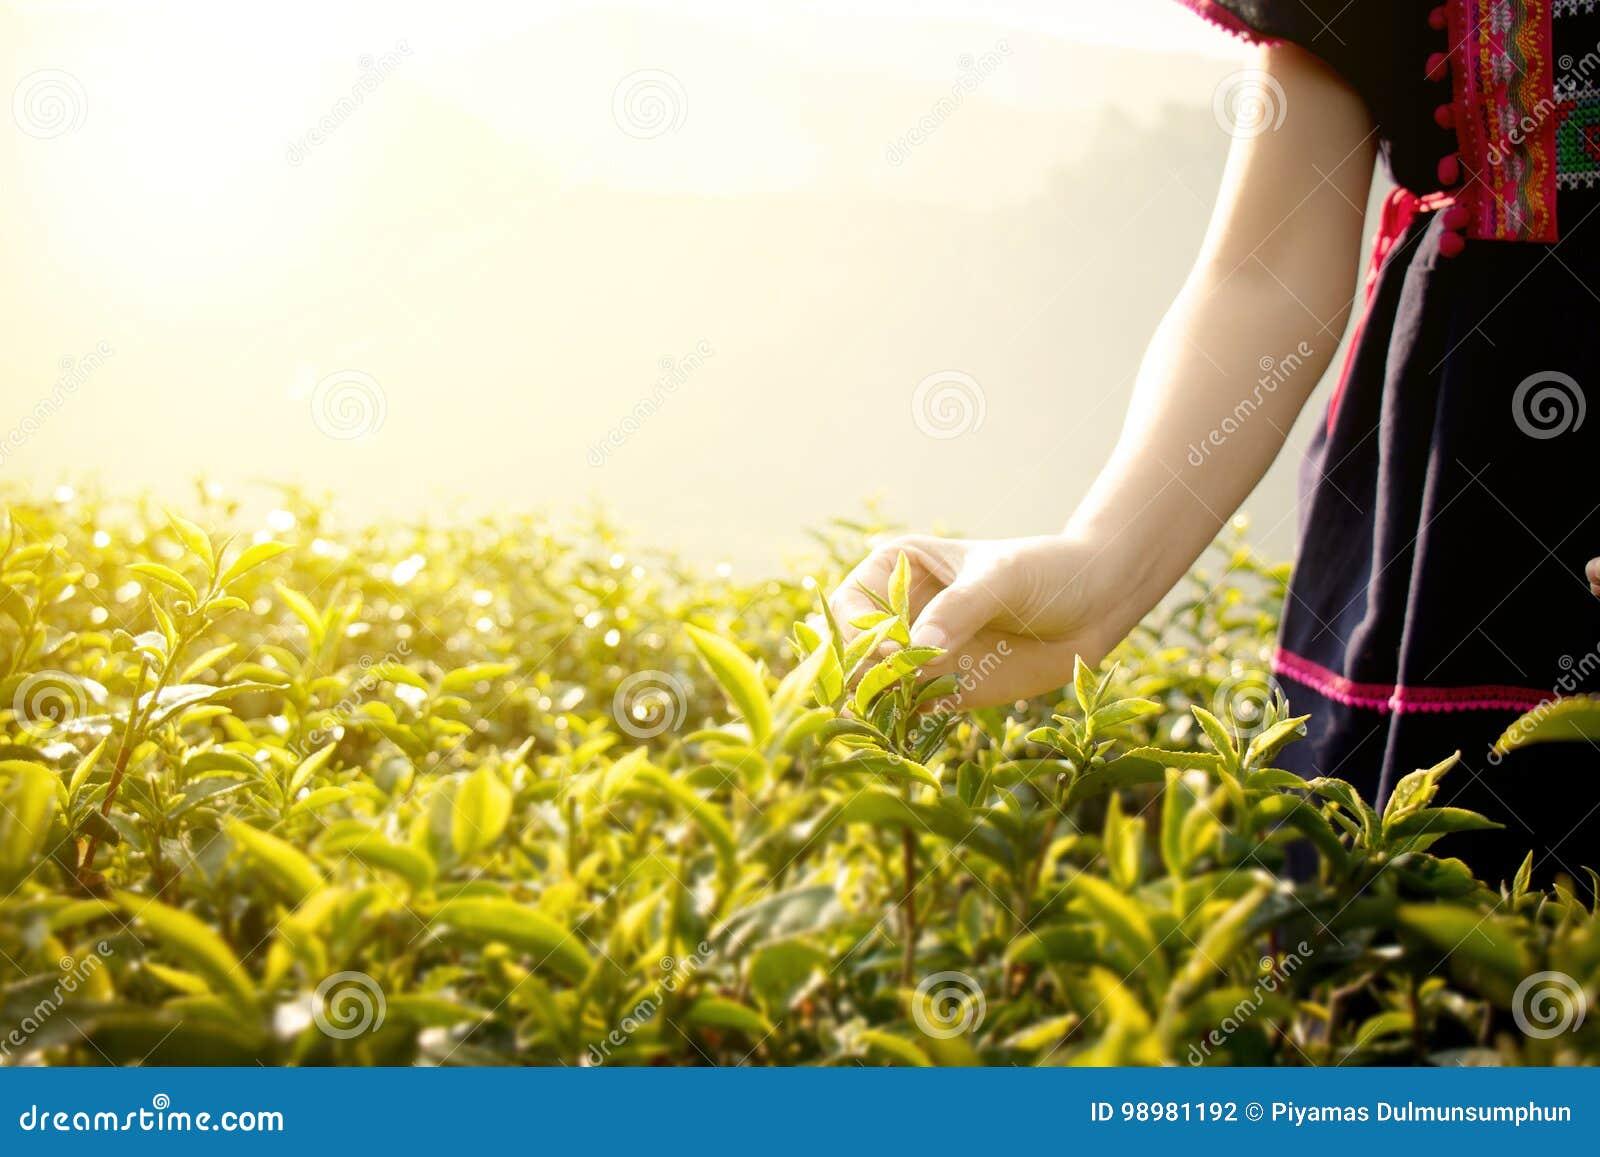 Pouco fazendeiro do tribo do monte das folhas de chá da colheita de Tailândia no chá